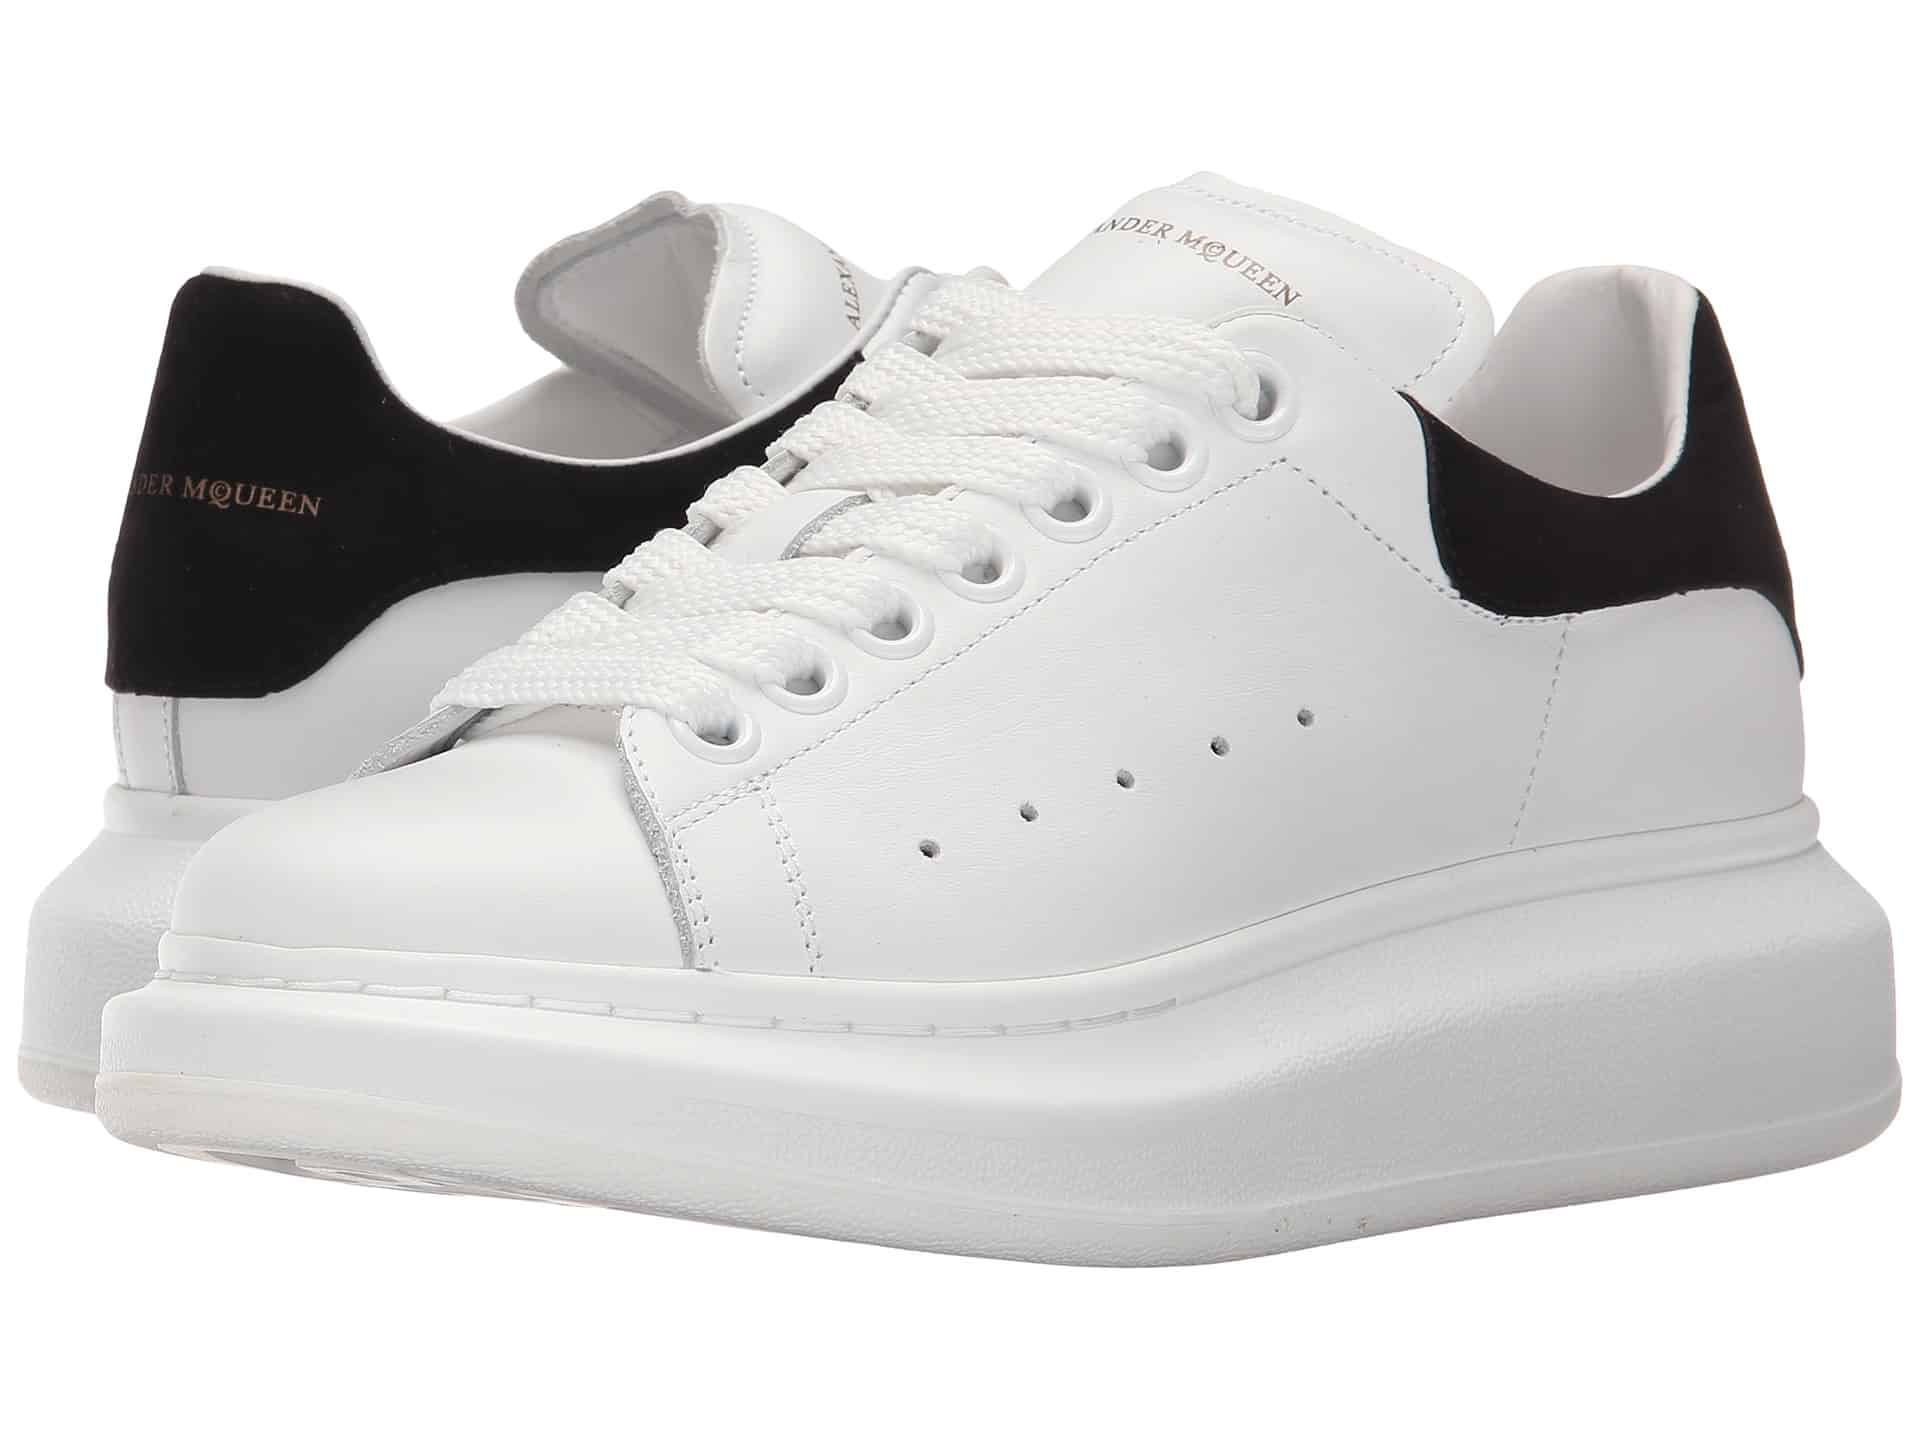 Giày Alexander McQueen Oversized có thiết kế gót cao độc đáo, mới lạ